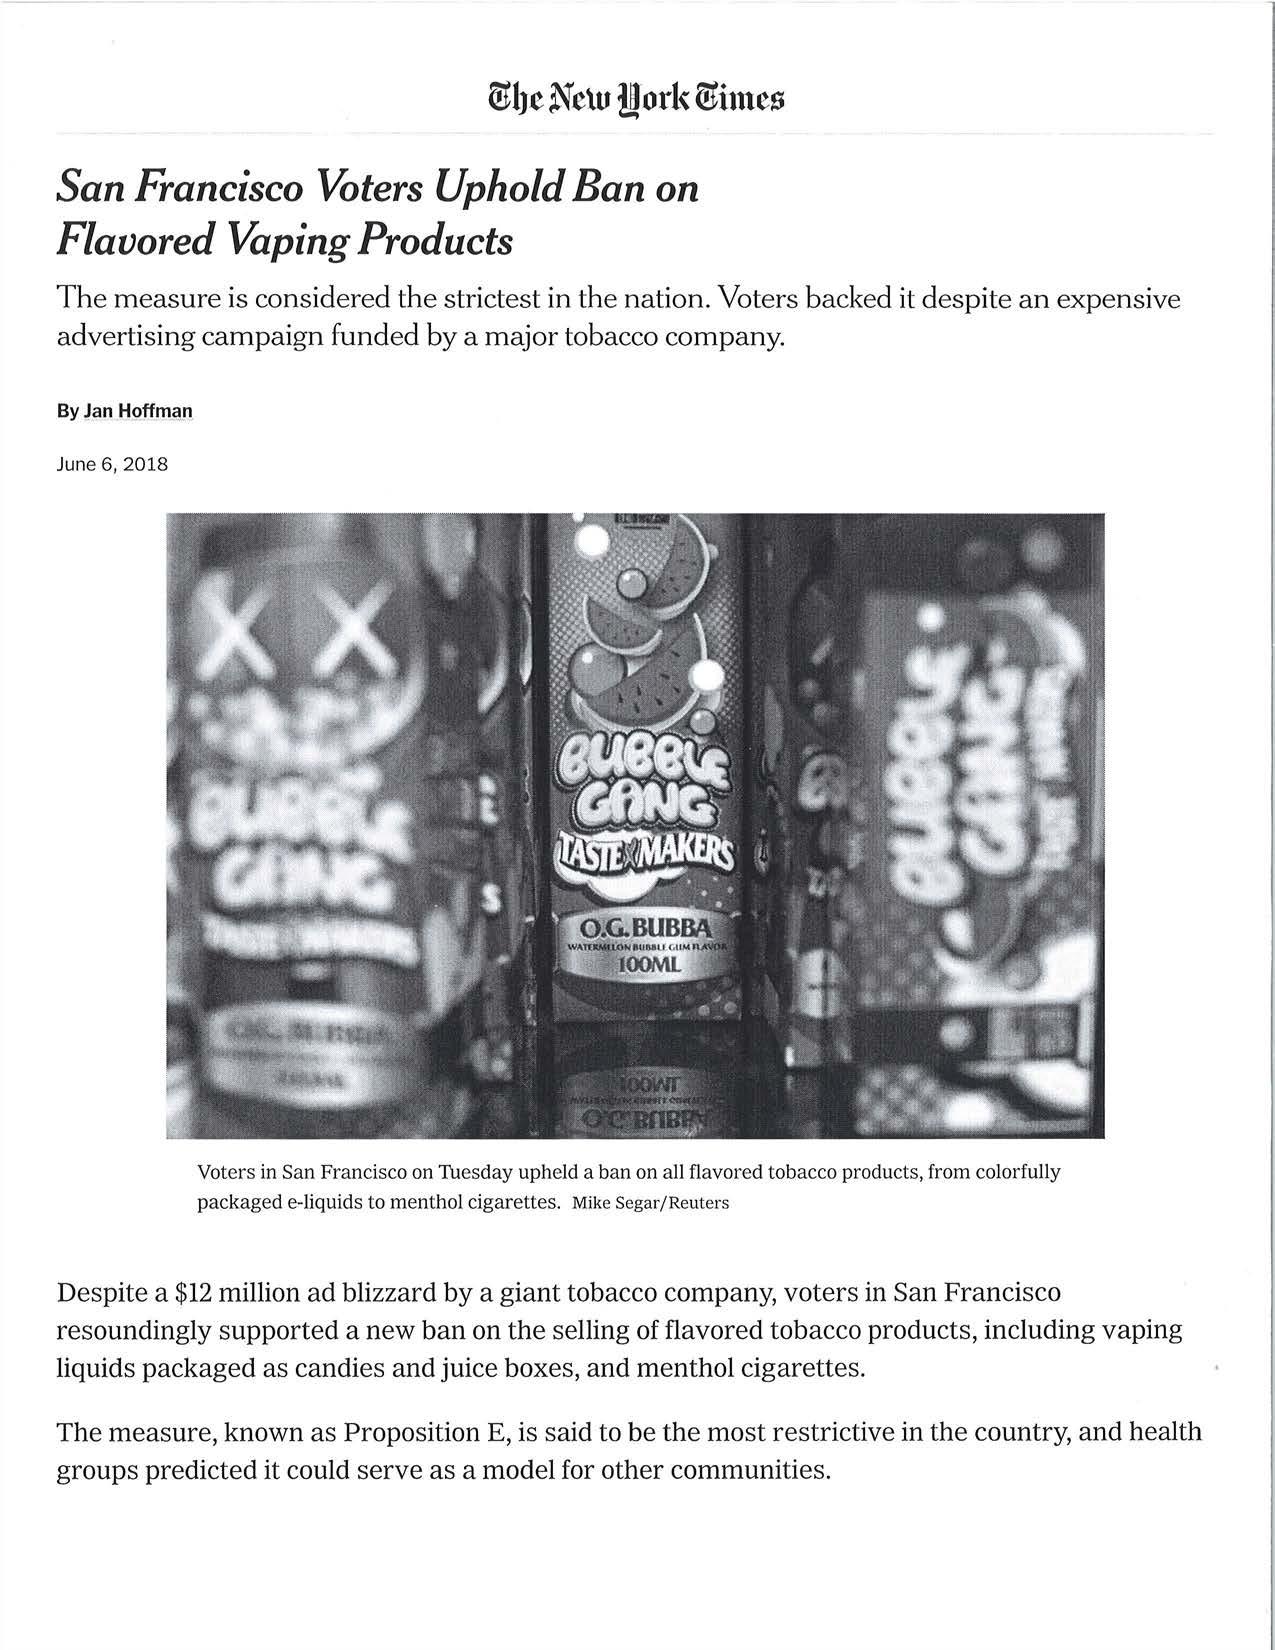 2018 06 06 NY Times San Francisco Bans Flavored Vaping Products Pg 1